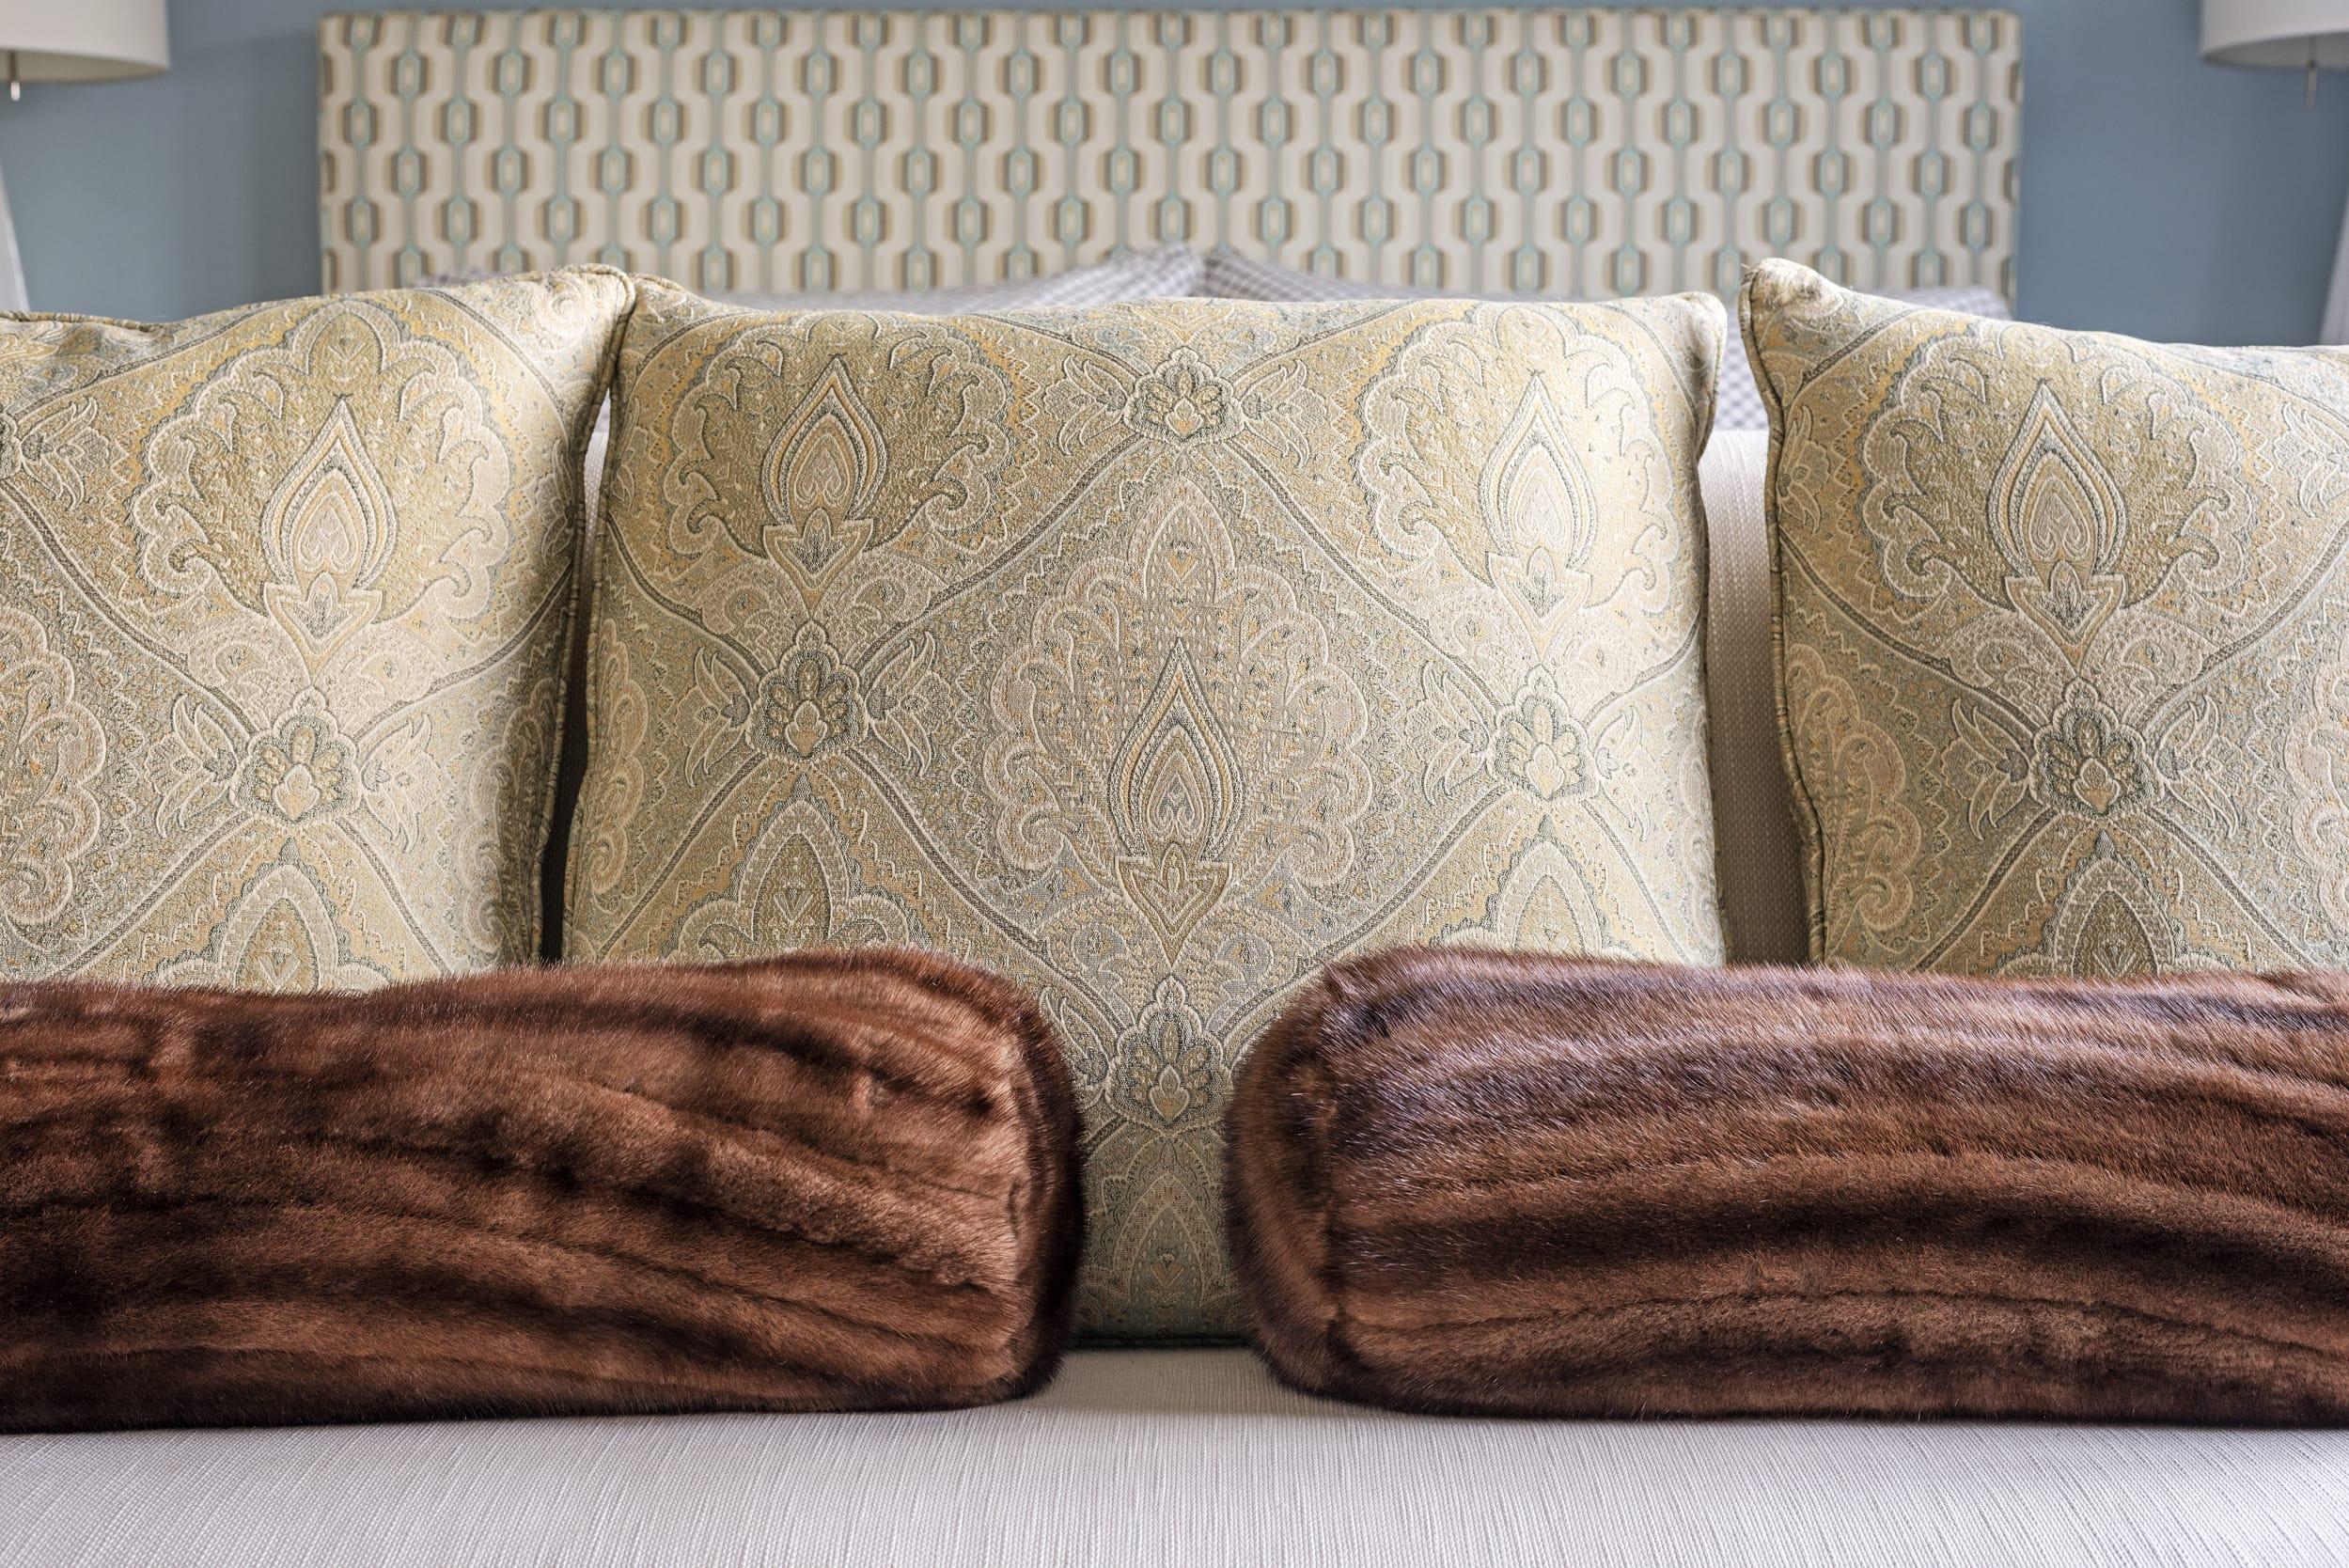 Mink Fur Pillows Victorian Pillows